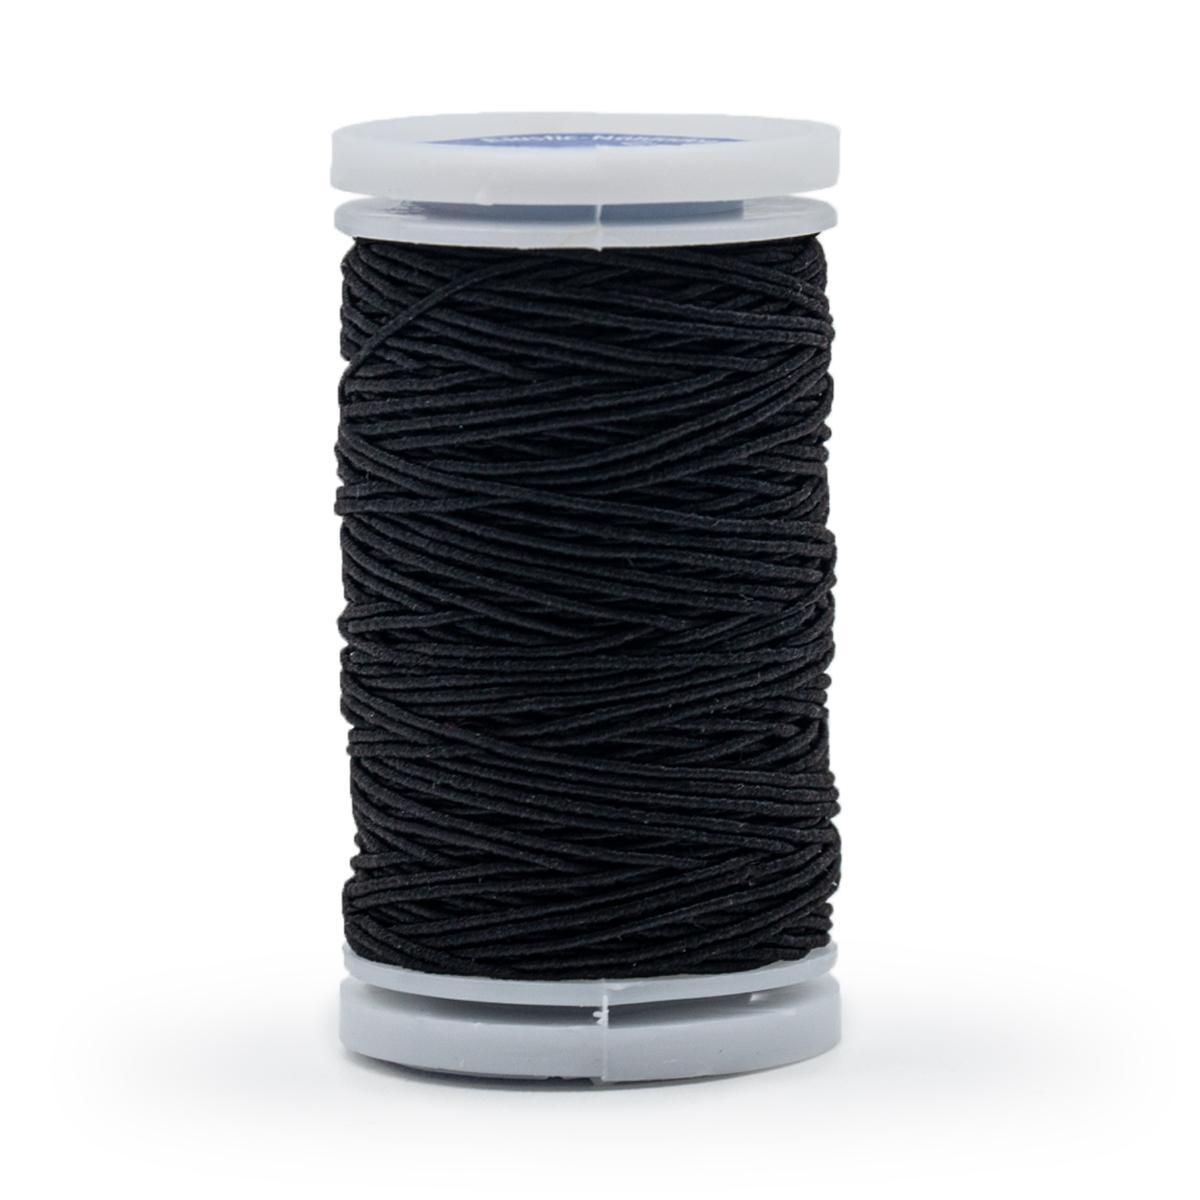 970010 Эластичная нить для шитья, 0,5 мм черный цв. Prym